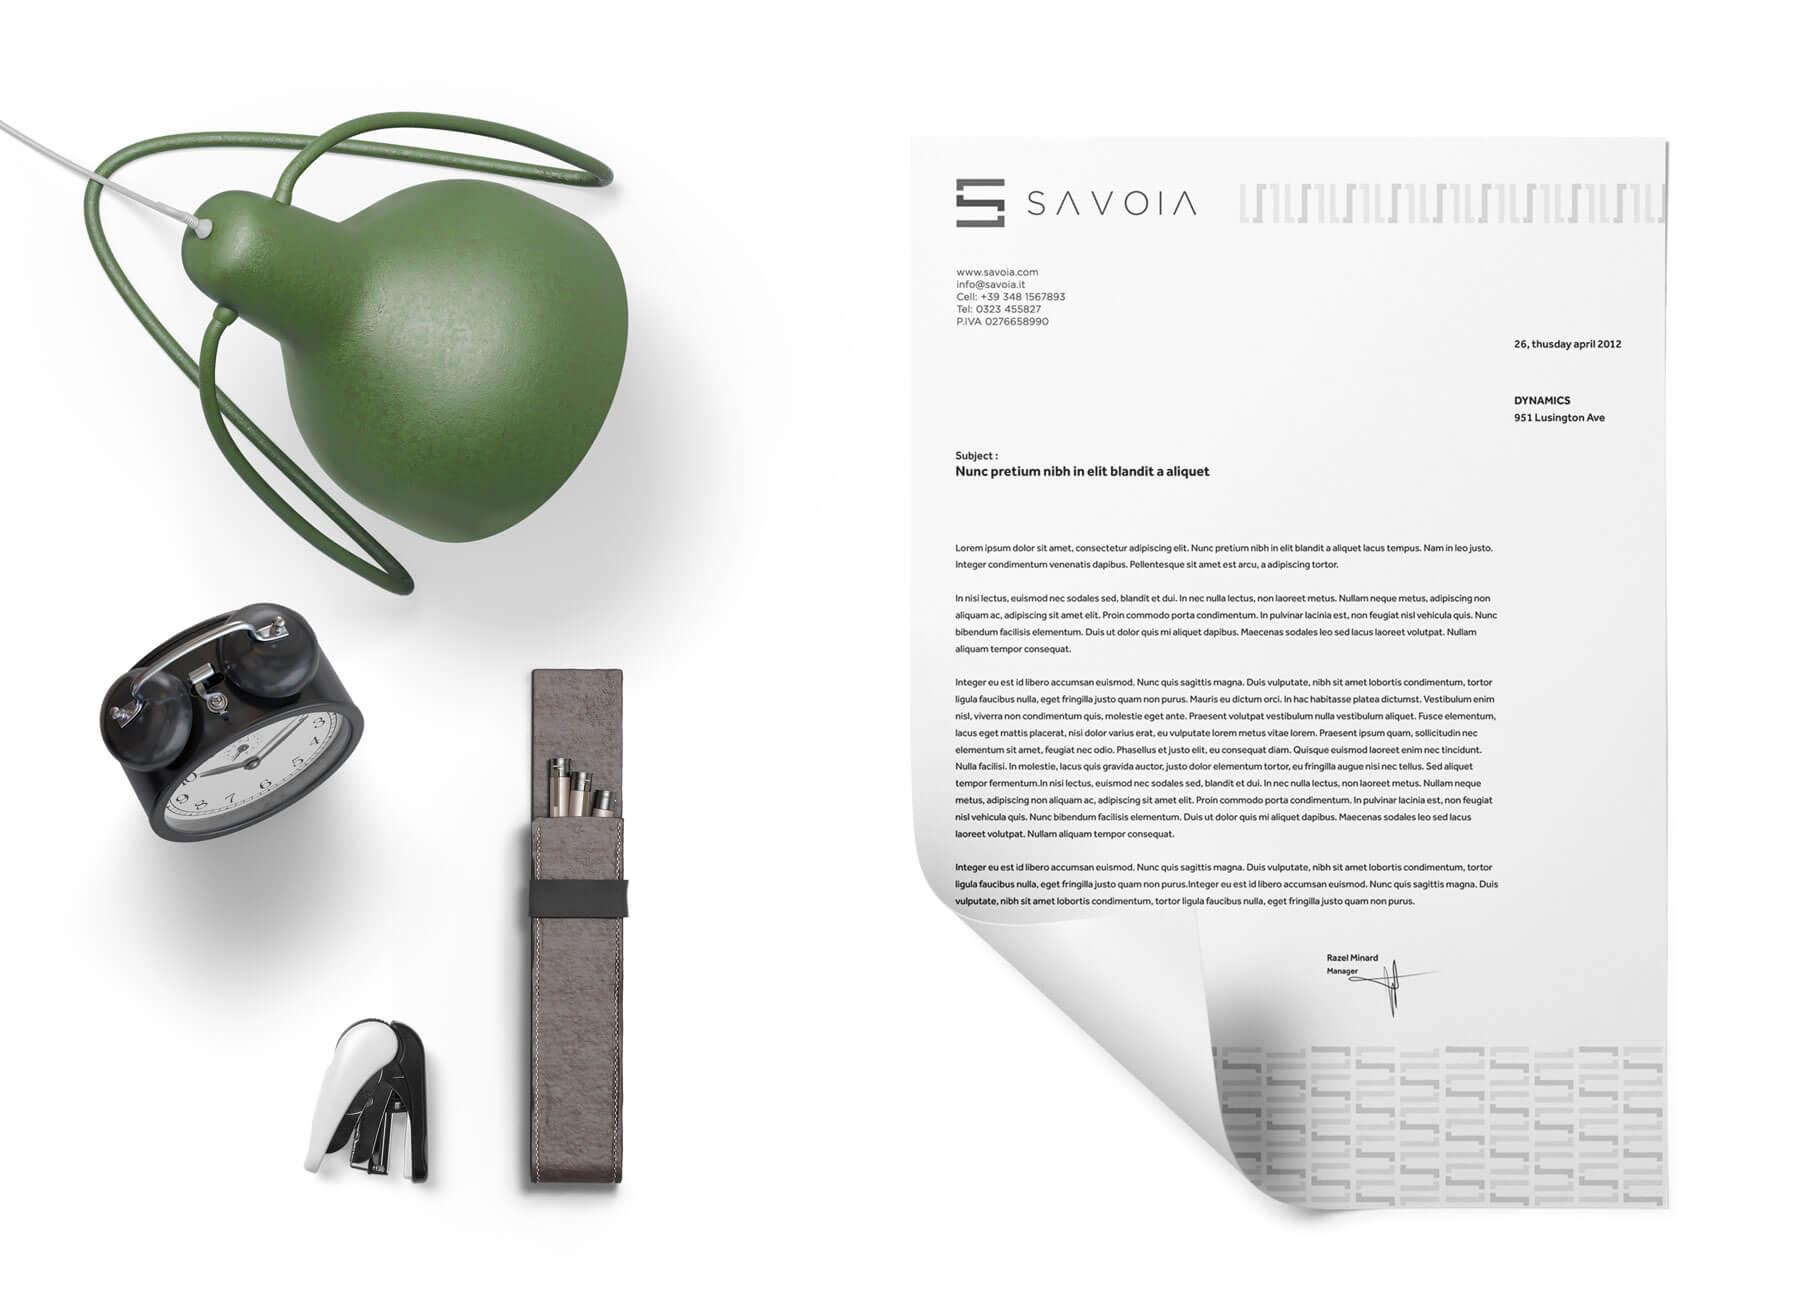 sulla sinistra c'è una lampada da studio verde, una sveglia nera e delle penne visti dall'altro. sulla destra carta intestata con logo e brand identity design di savoia di colore bianco